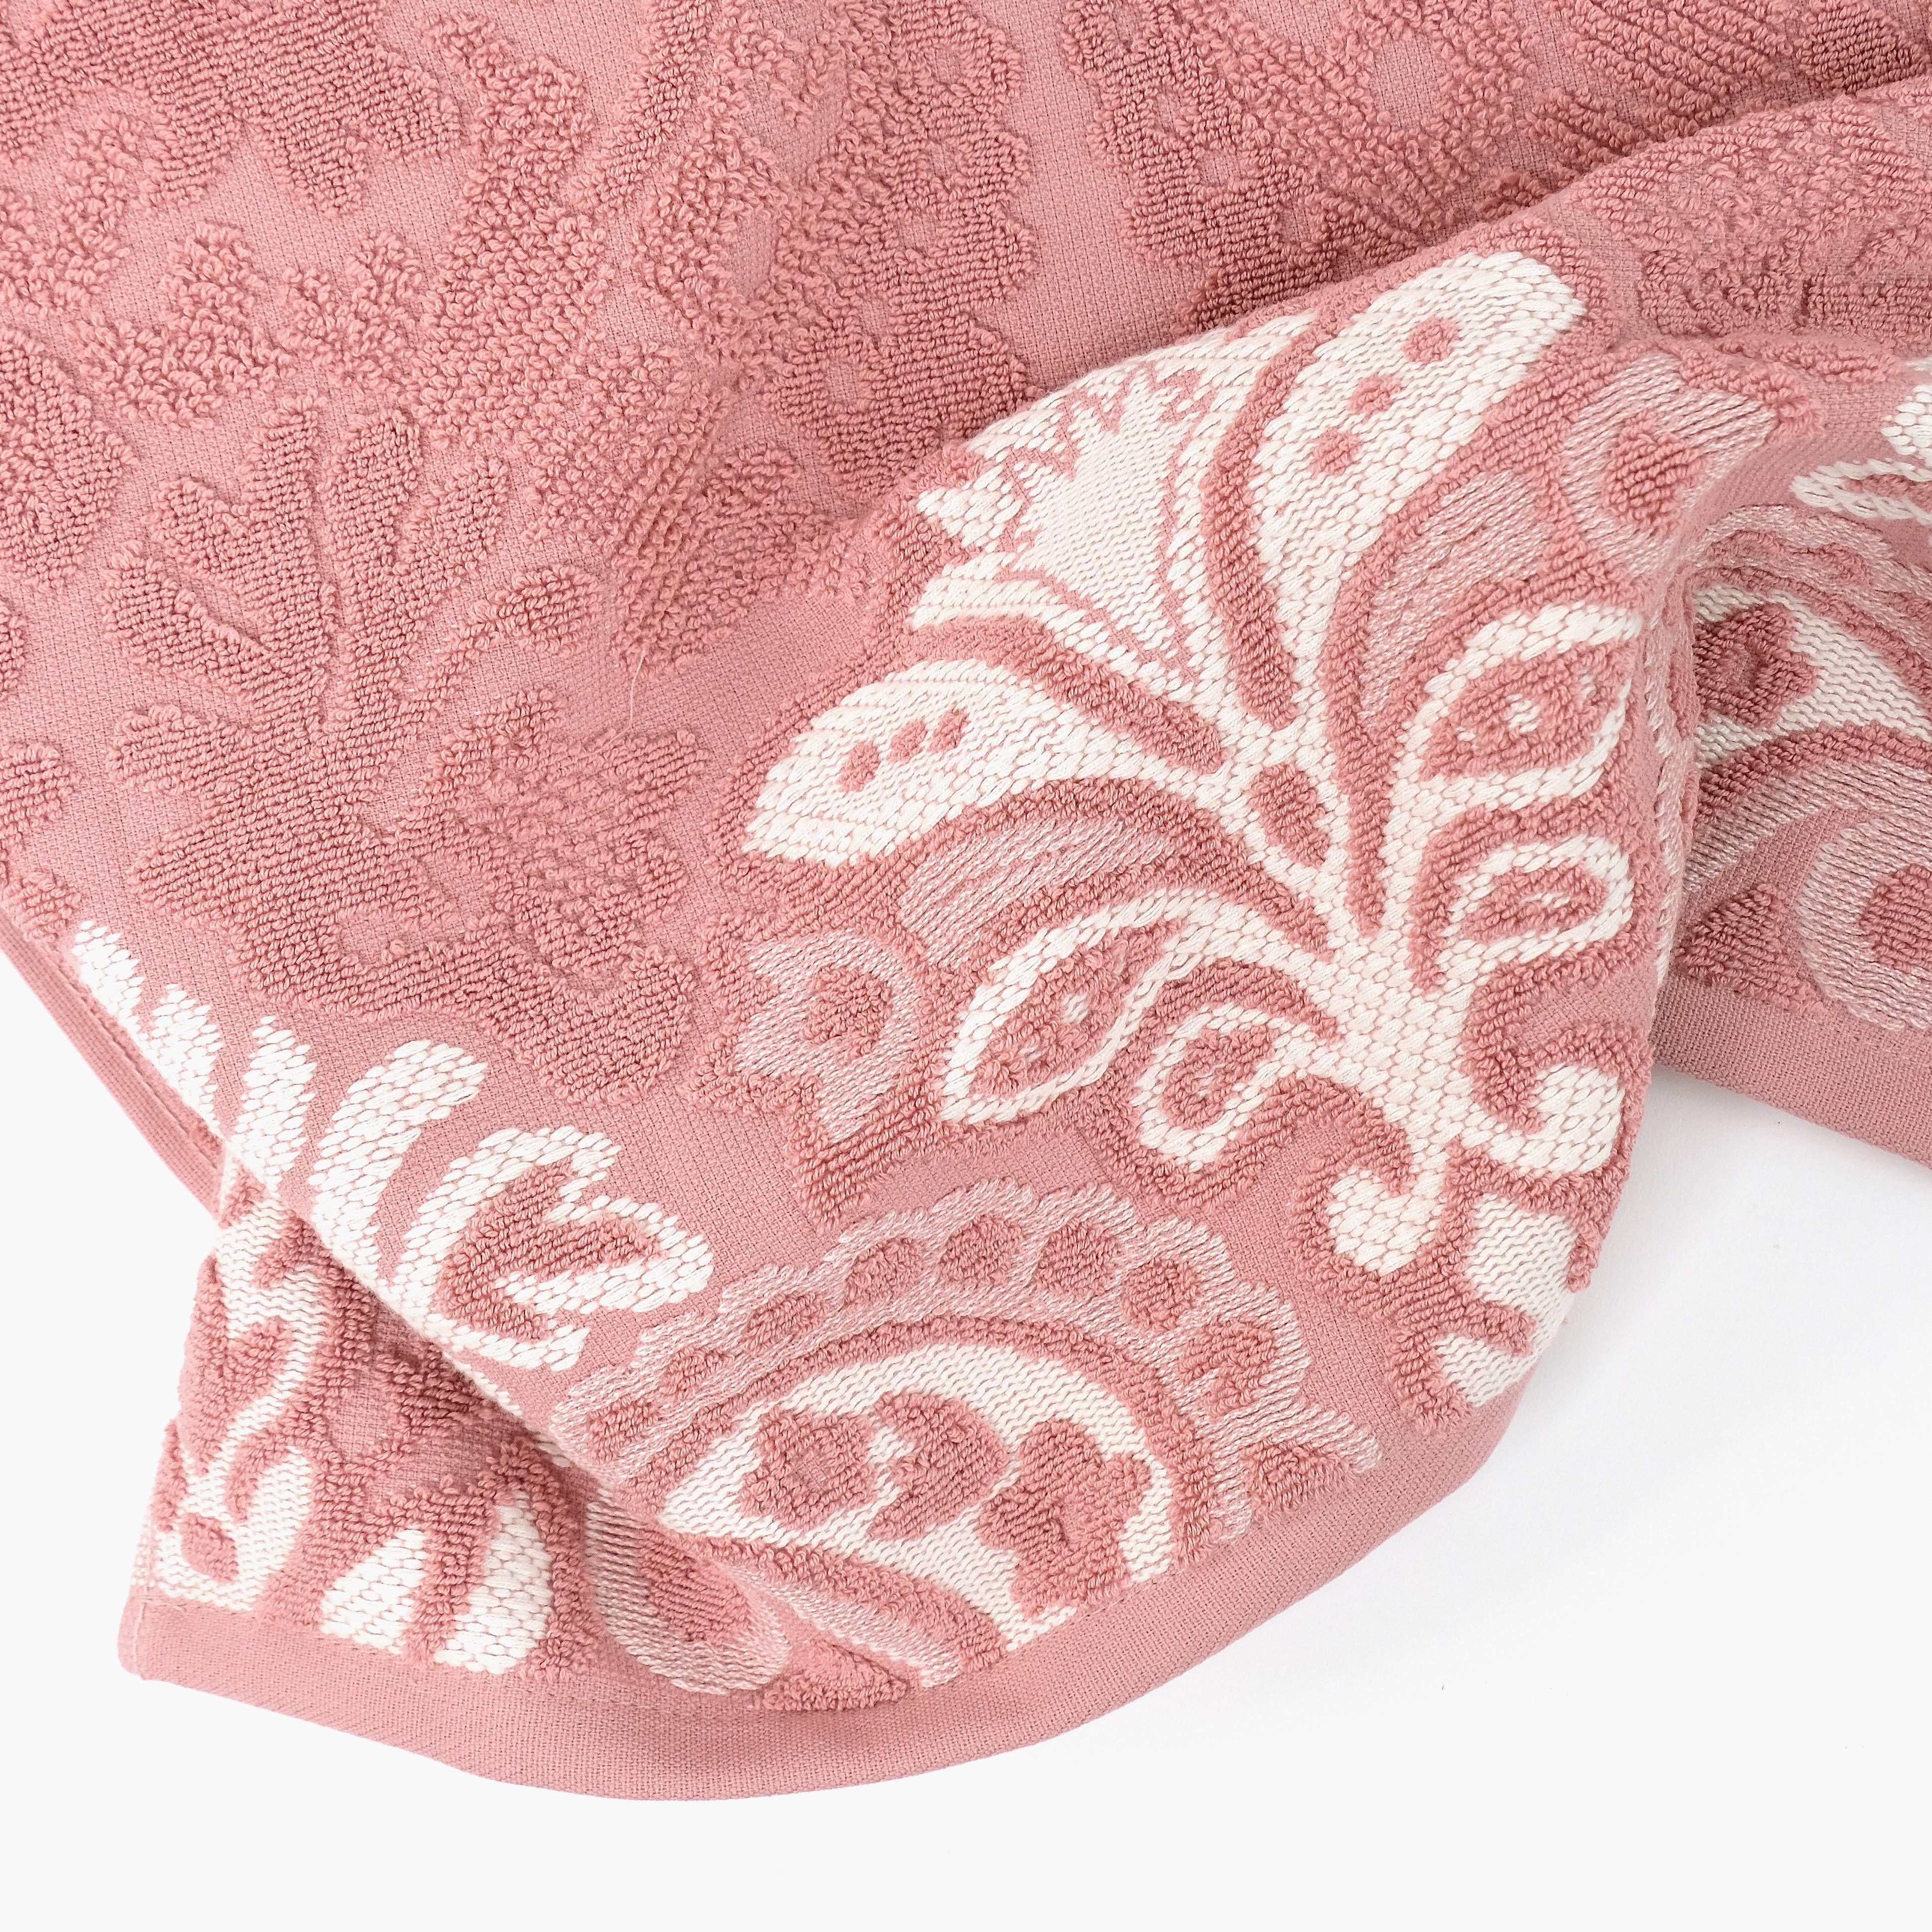 Pormenor de Toalha de Banho Jacquard Rosa e Natural 50 x